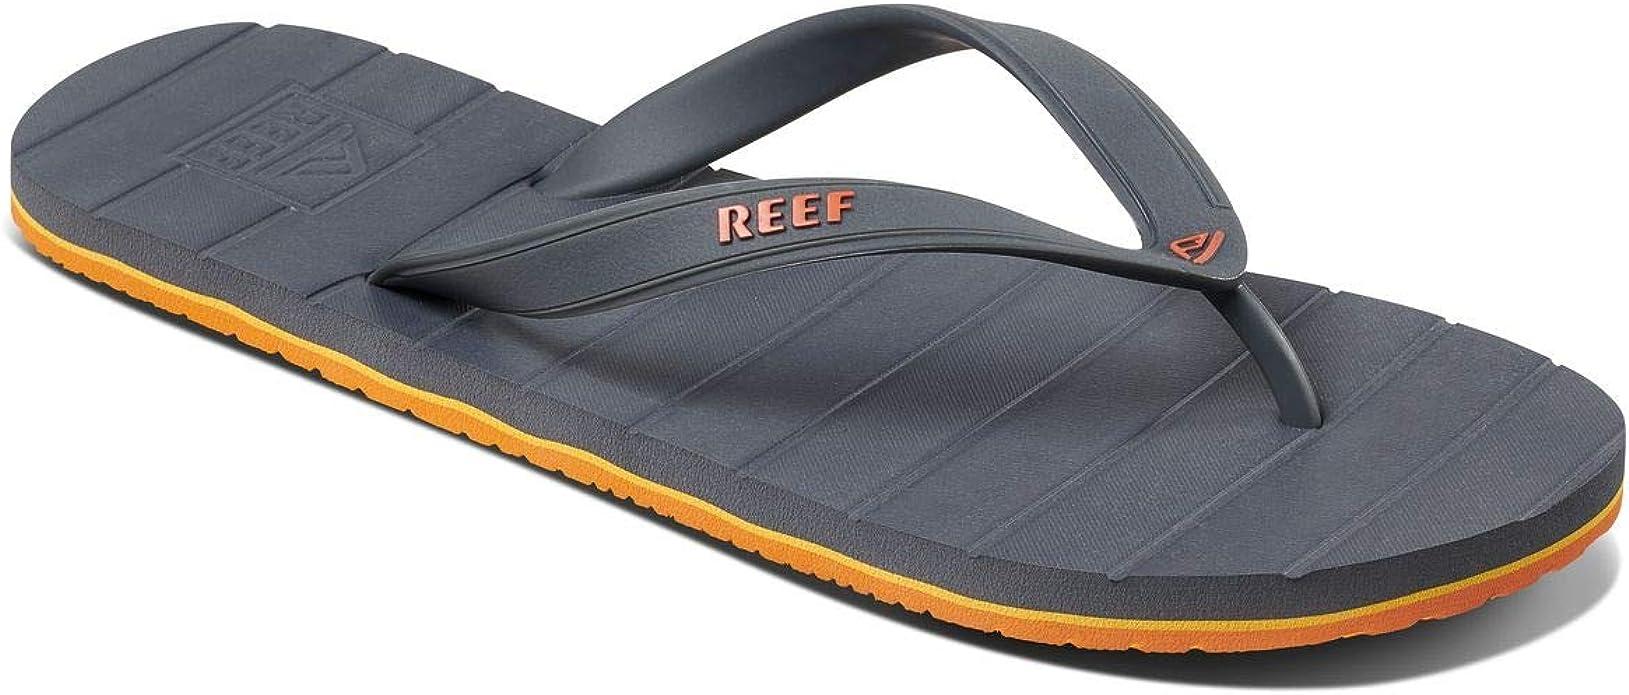 Reef Switchfoot, Chanclas para Hombre: Amazon.es: Zapatos y ...